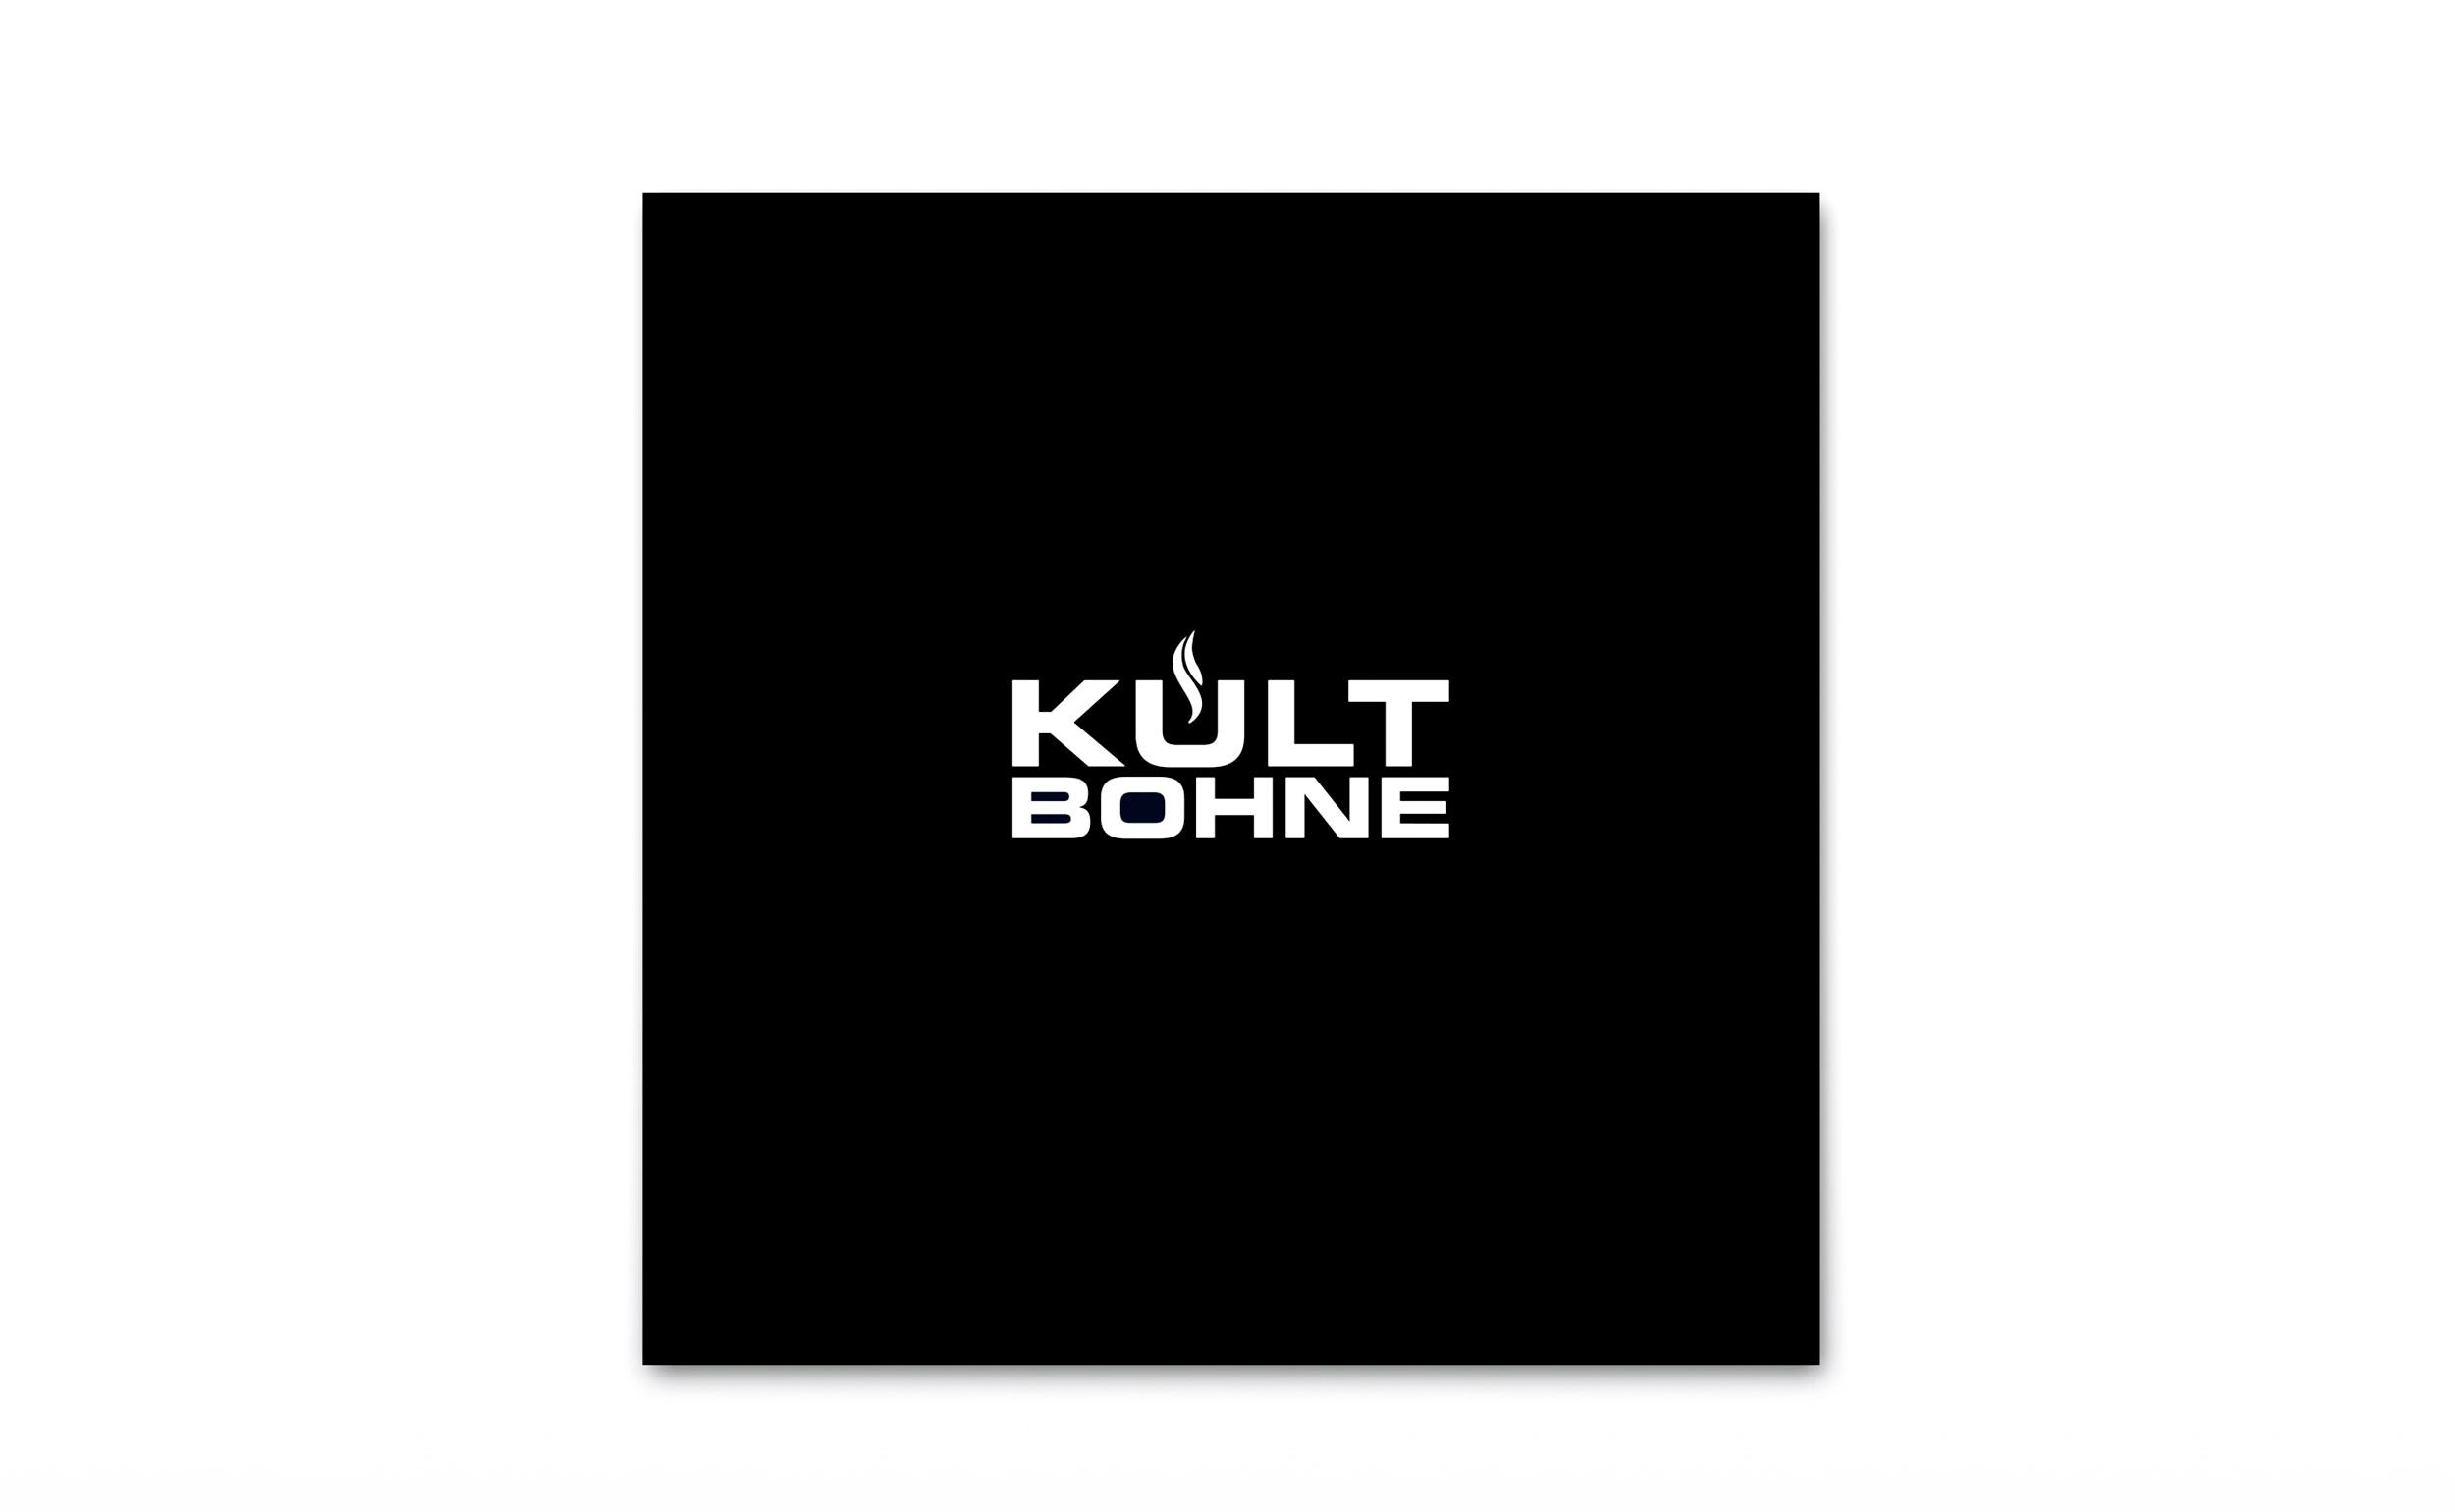 kultbohne_kaffe_broschuere_01 (1)